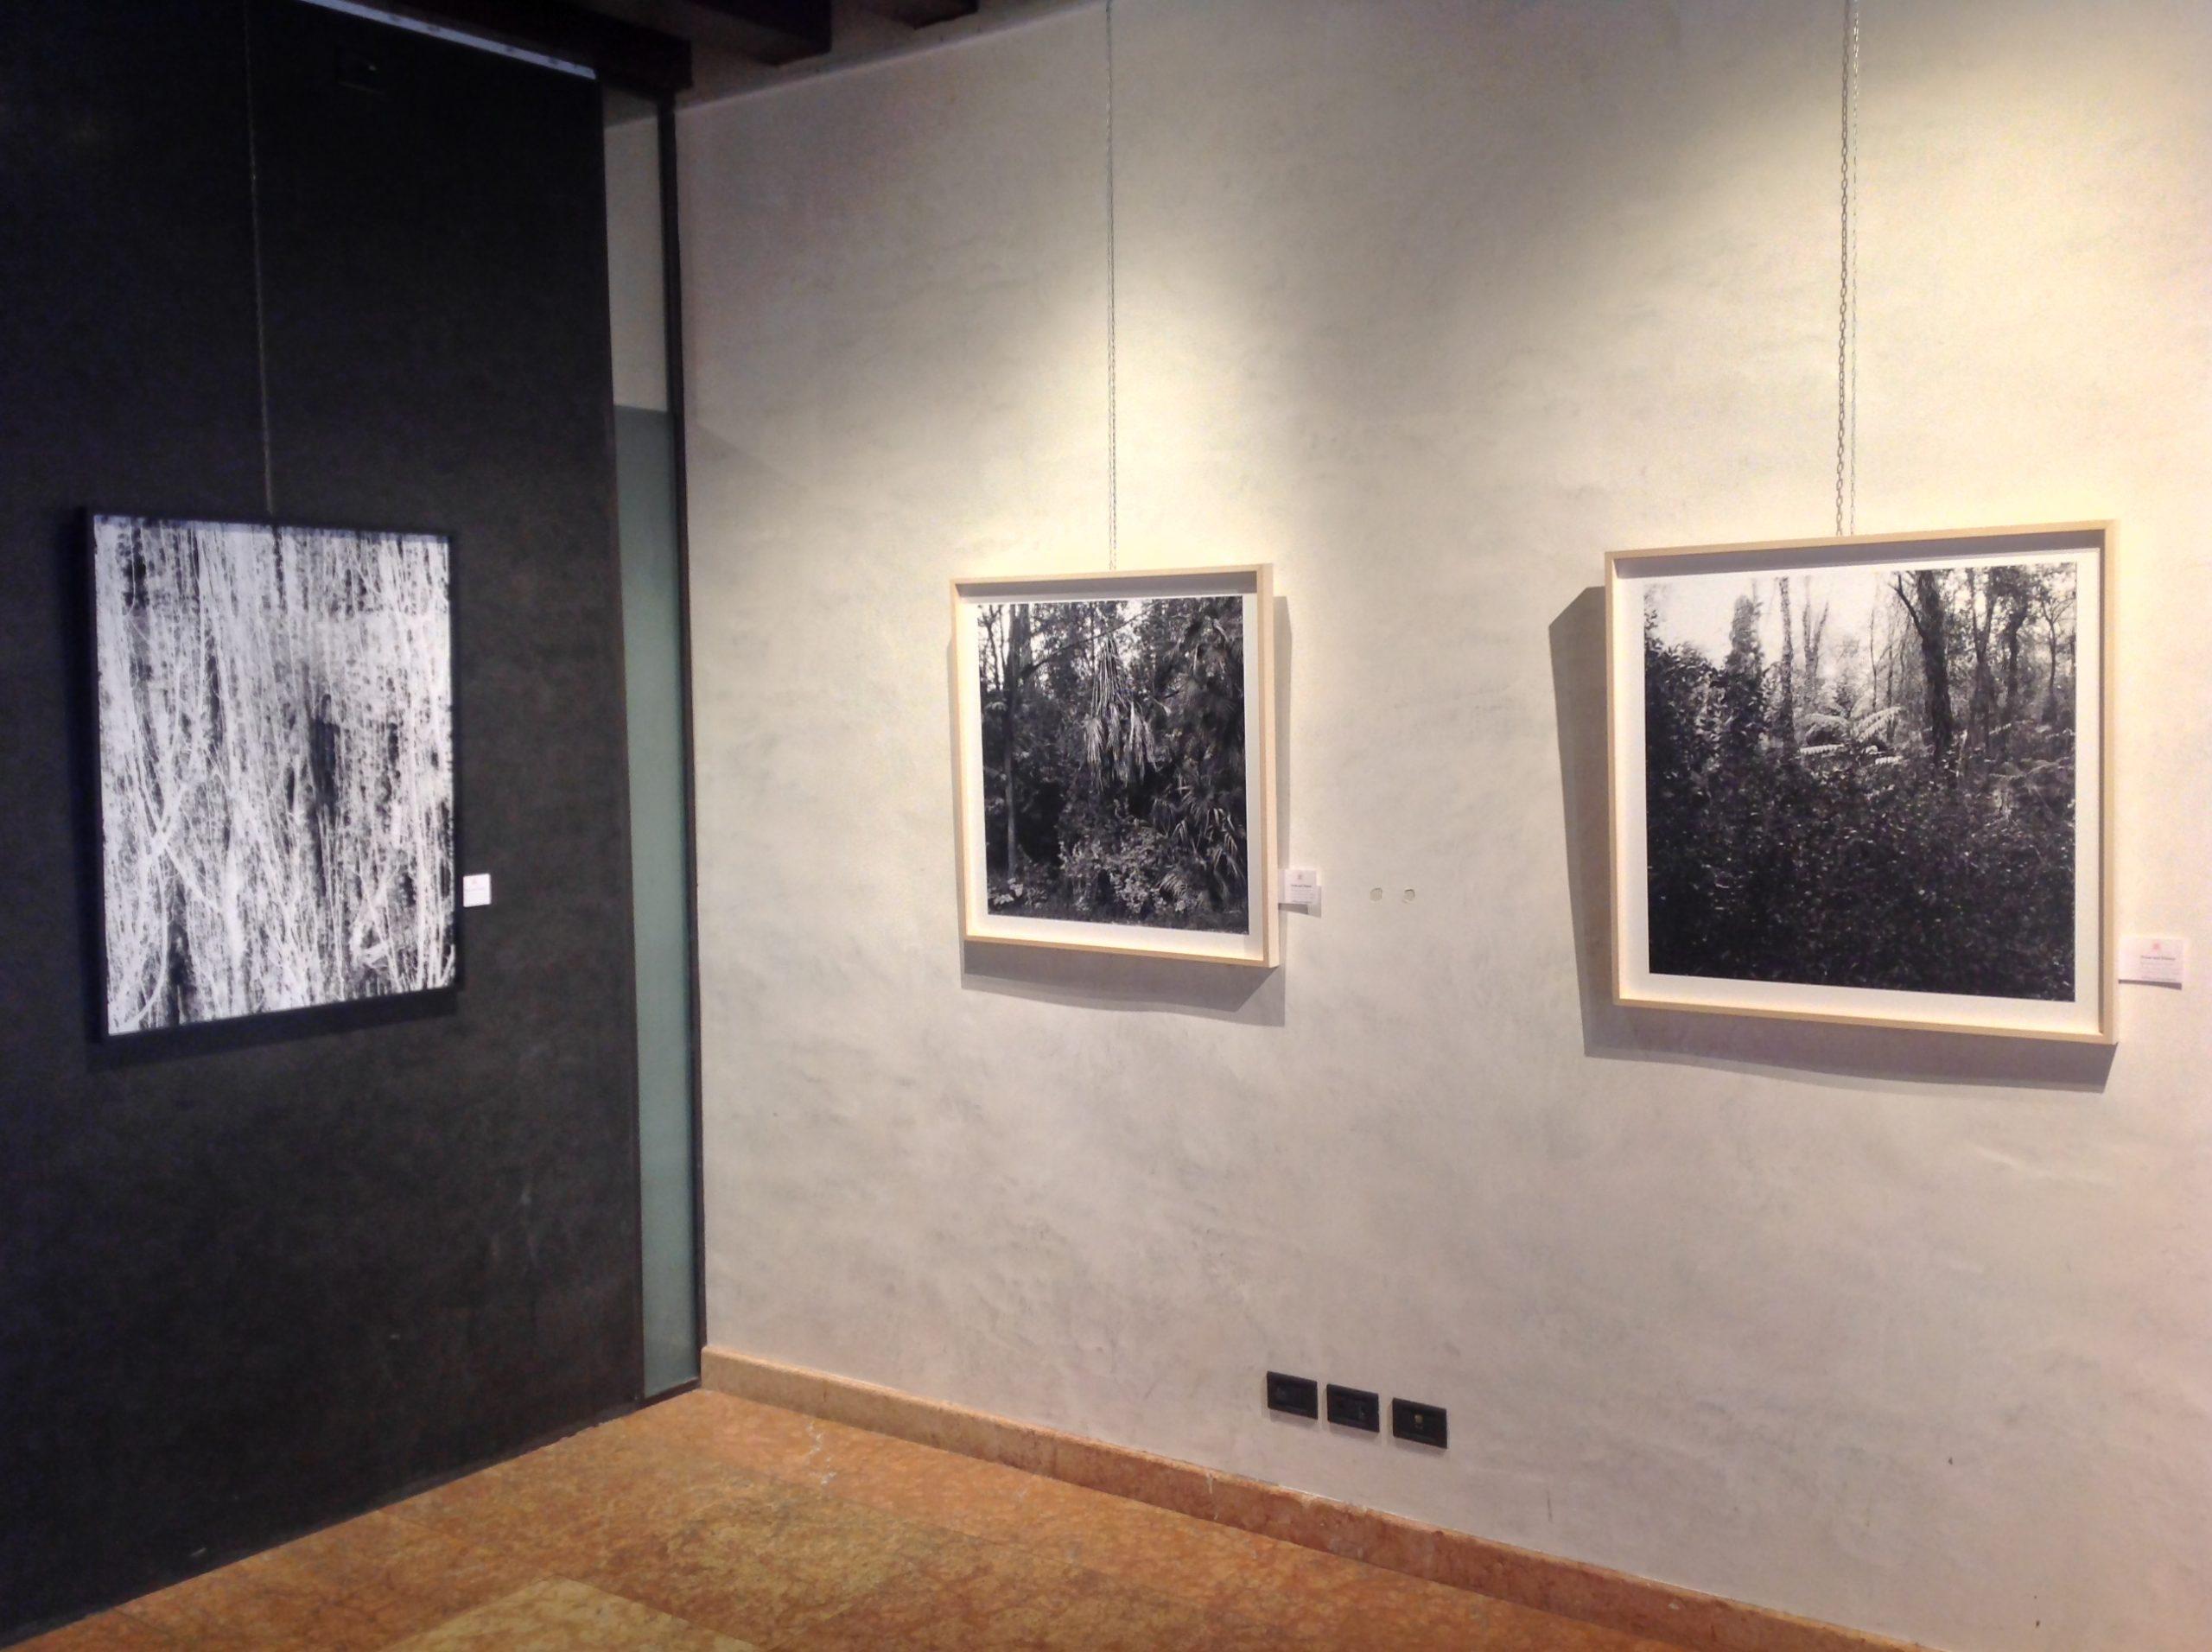 Riccardo Squillantini, Rumori silenziosi, mostra personale, a cura di Alain Chivilò_Casa dei Carraresi_Treviso (6)